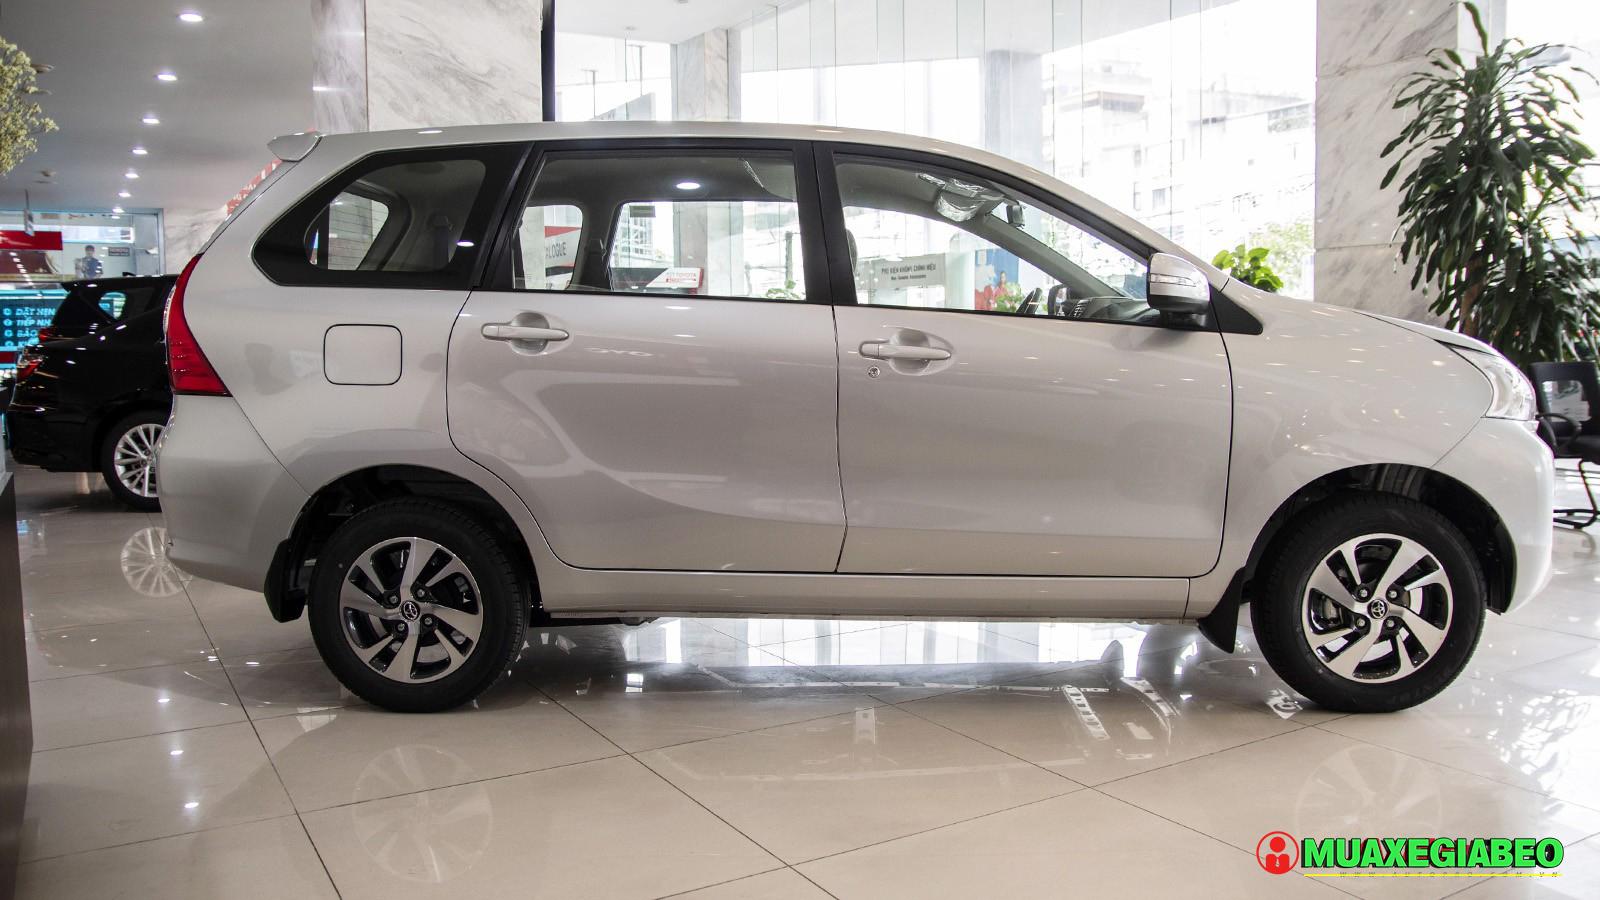 Đánh giá xe Toyota Avanza ảnh 17 - Toyota Avanza: thông số và giá xe tháng [hienthithang]